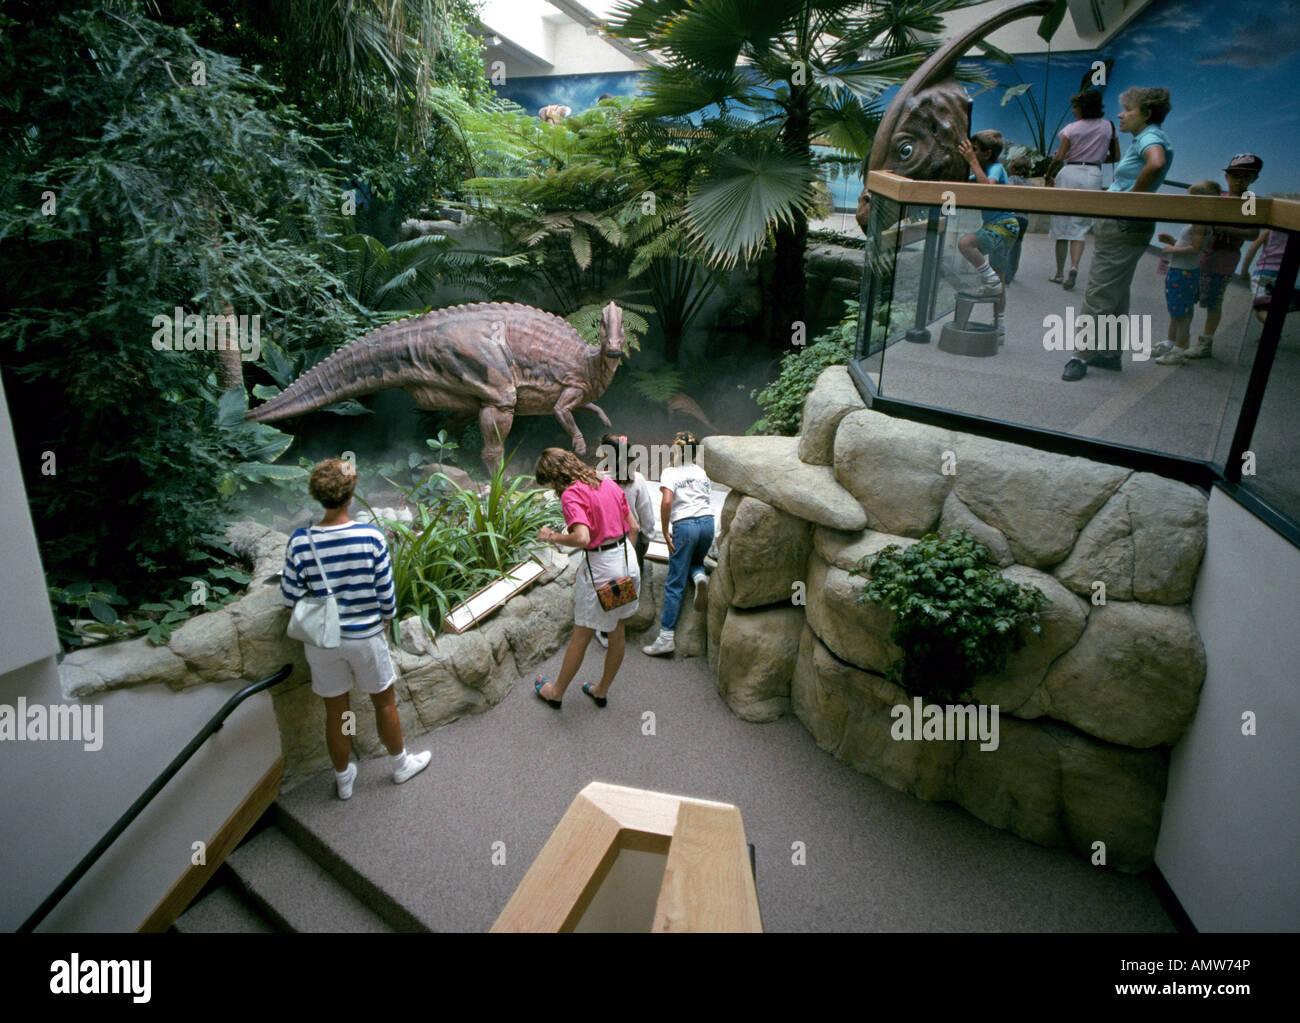 USA NEW MEXICO ALBUQUERQUE Dinosaures exposés au Musée de l'histoire et les sciences naturelles à Albuquerque Banque D'Images